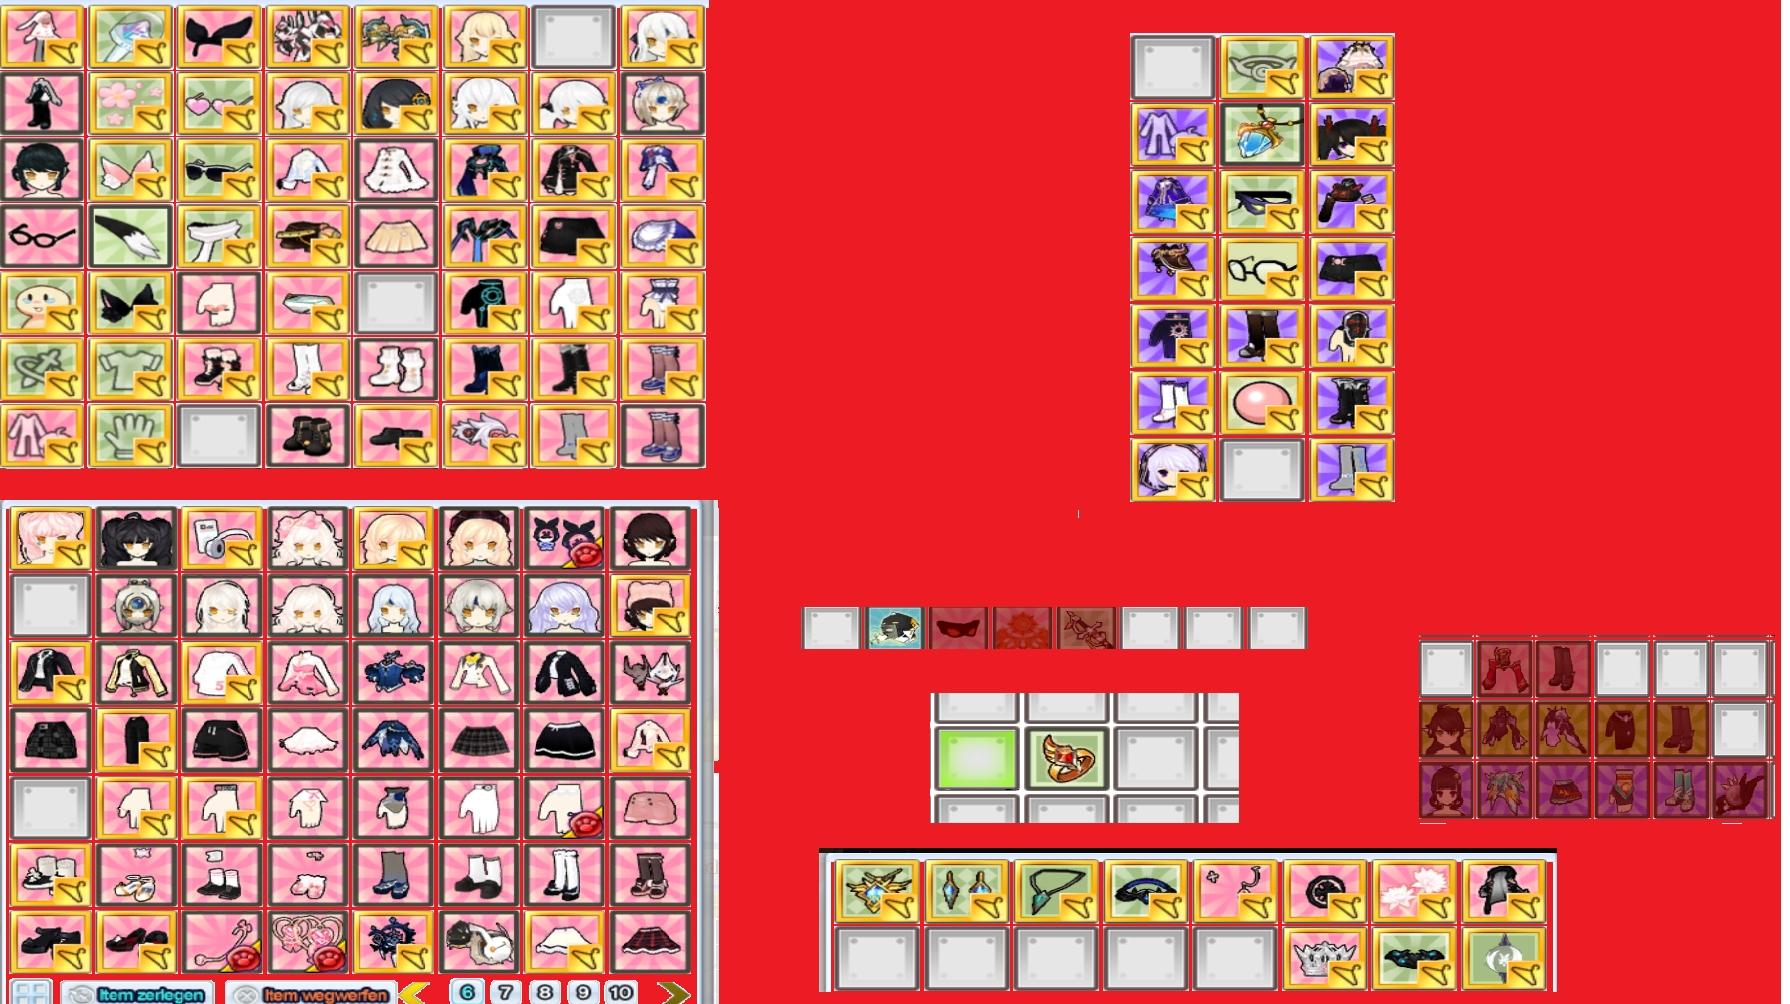 125c18011826c1e3801d00567360e0c2.jpg